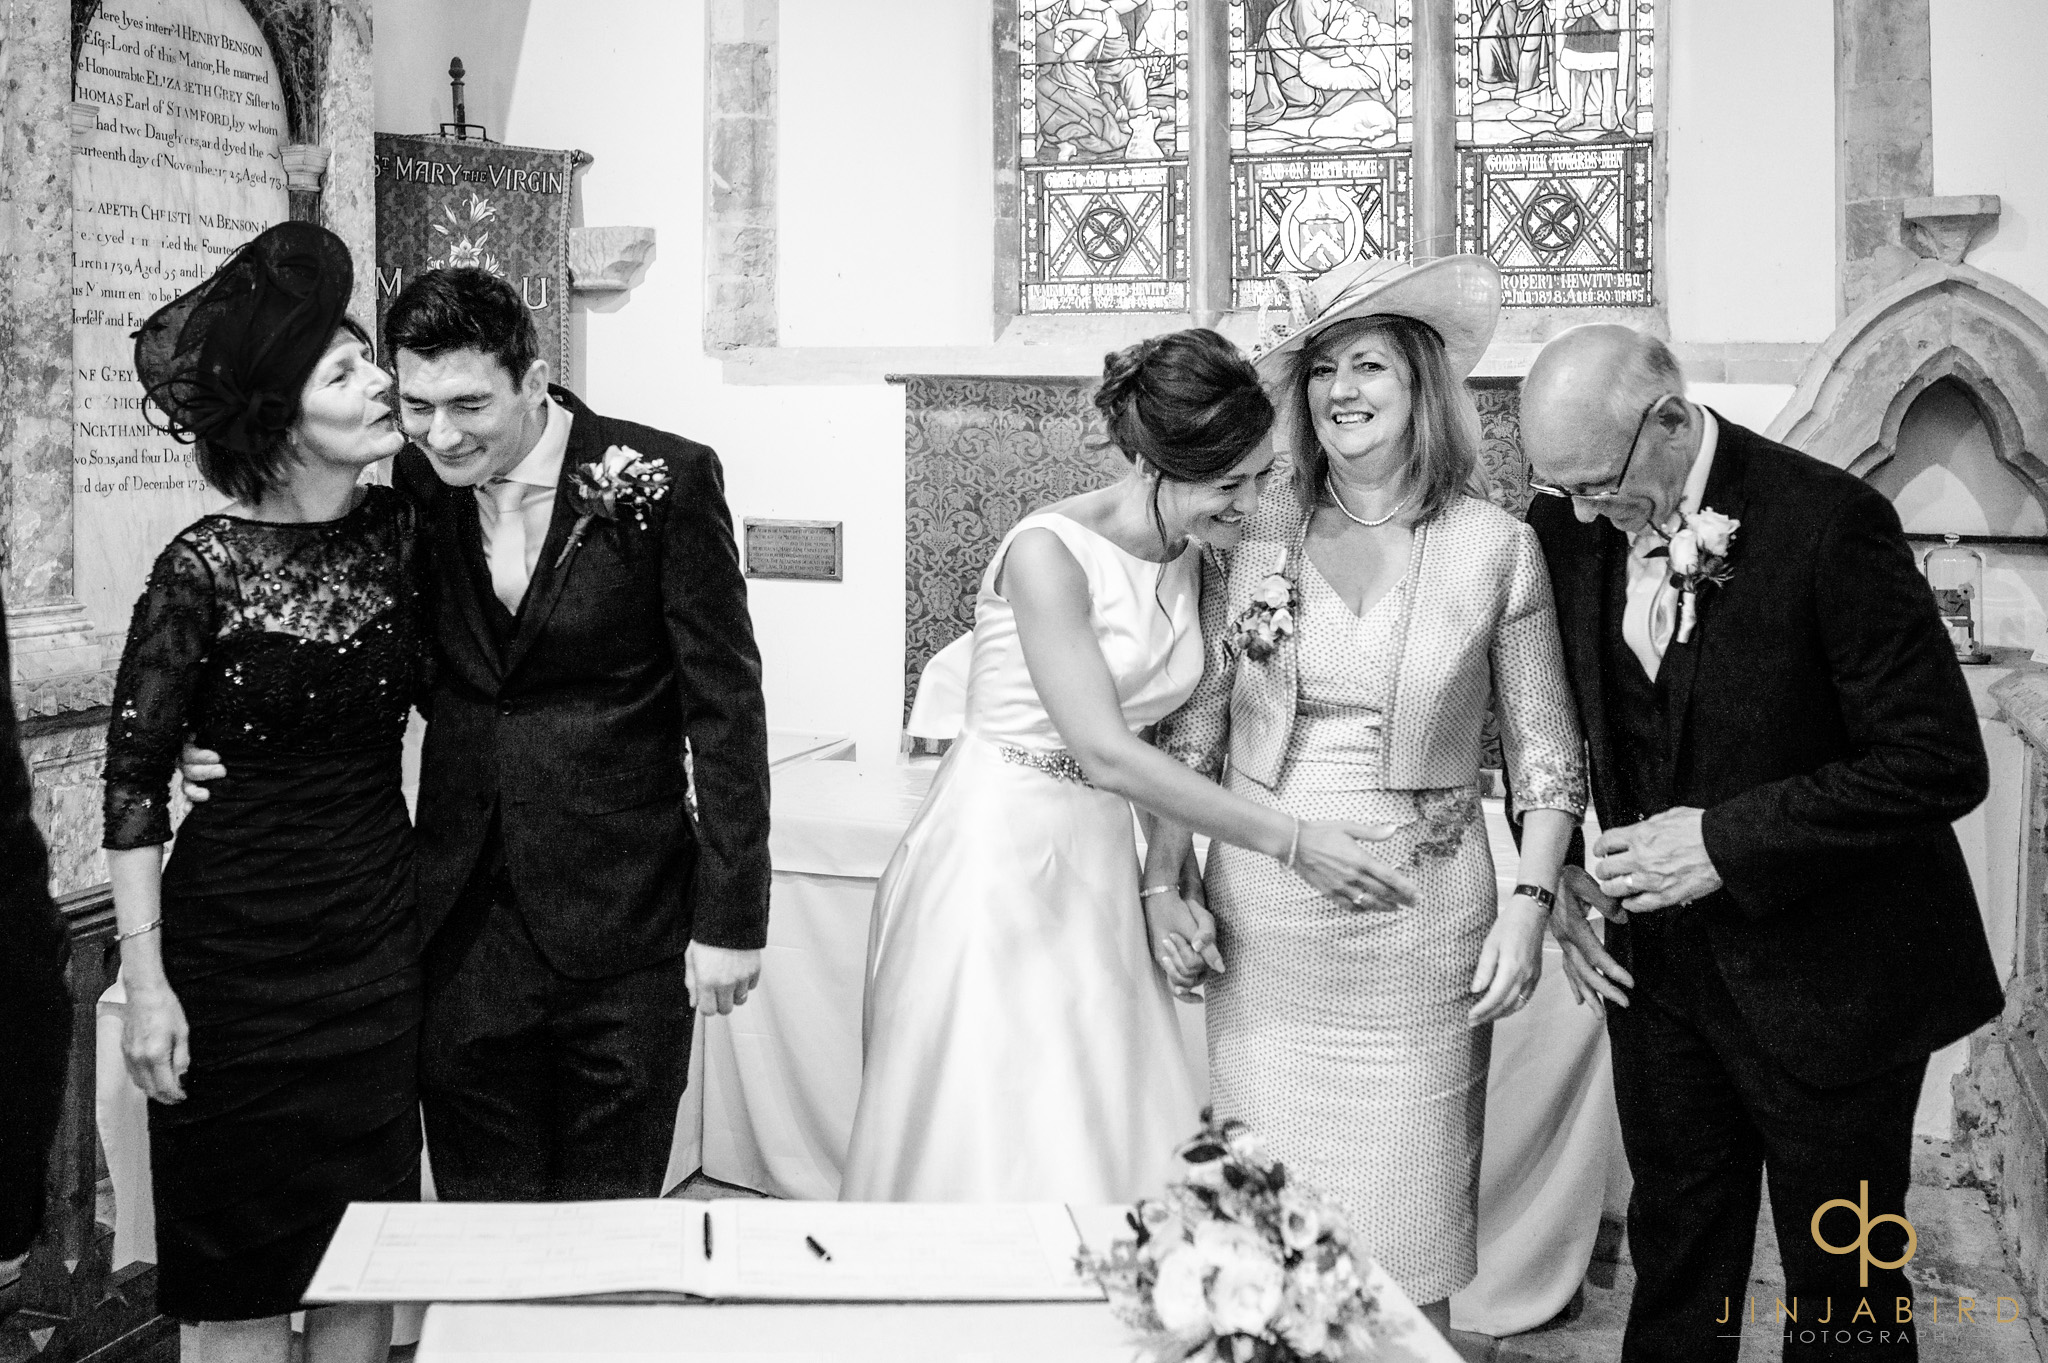 signing wedding register dodford church